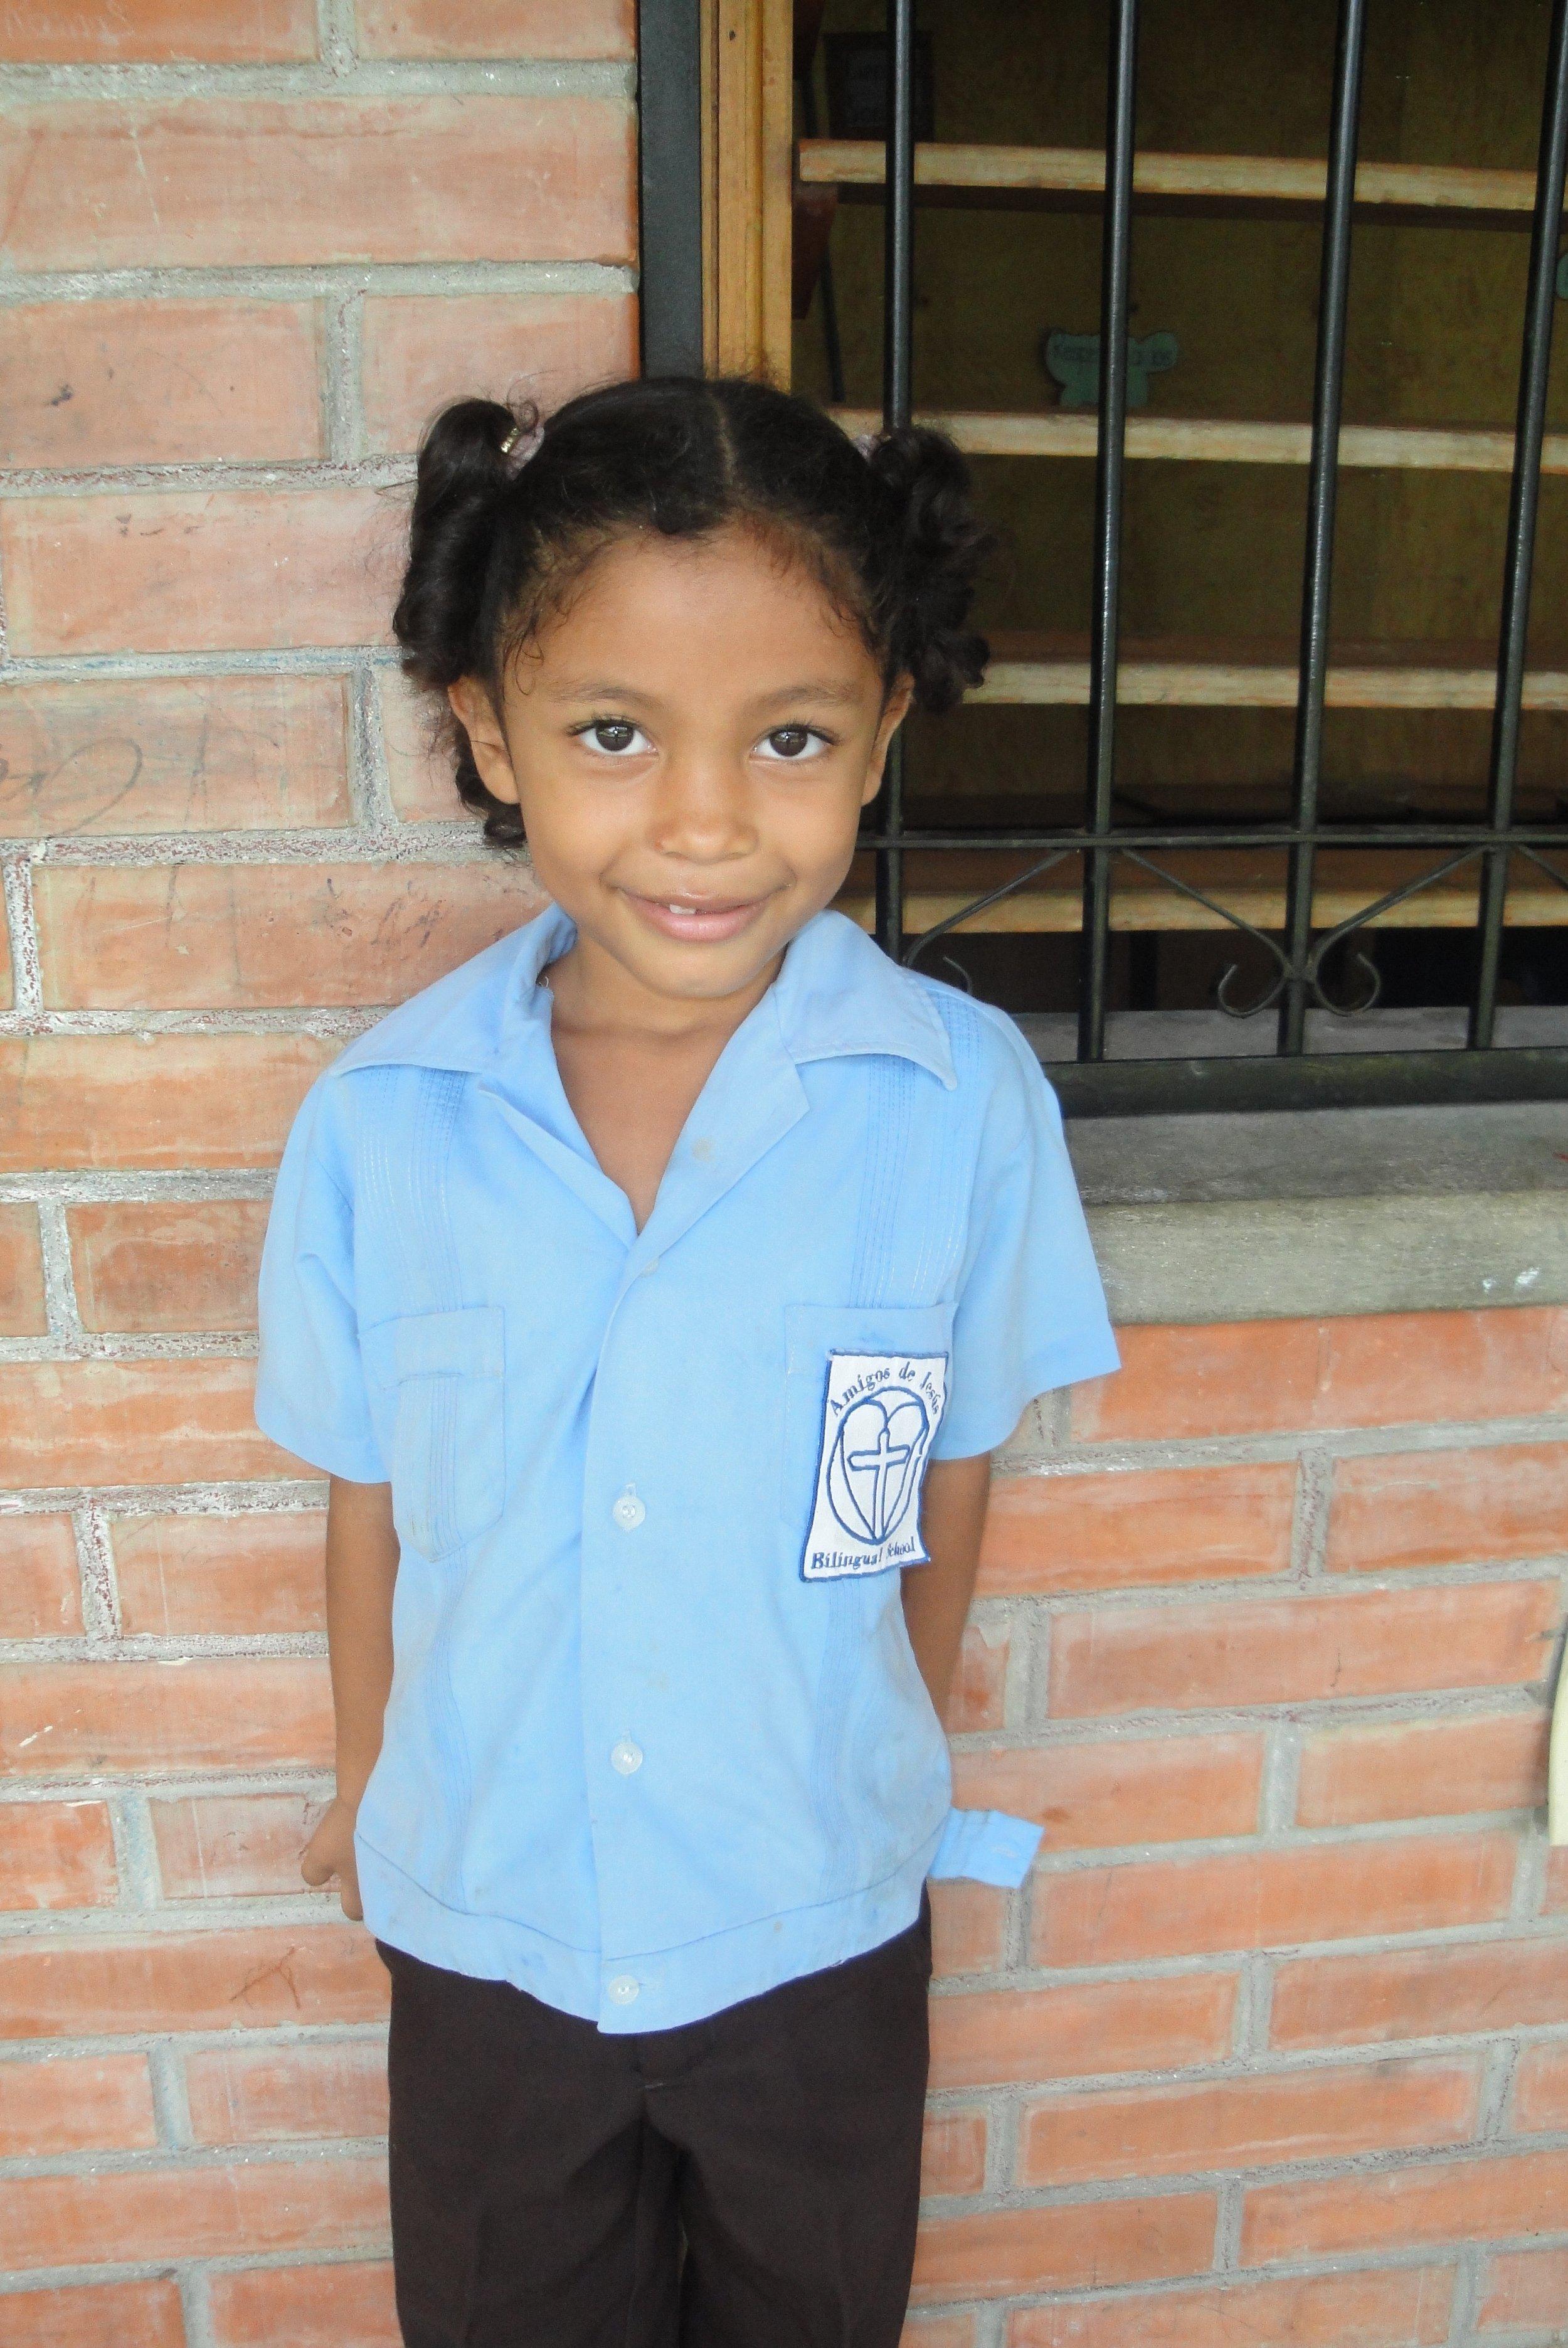 Soledad in her school uniform back in 2014.